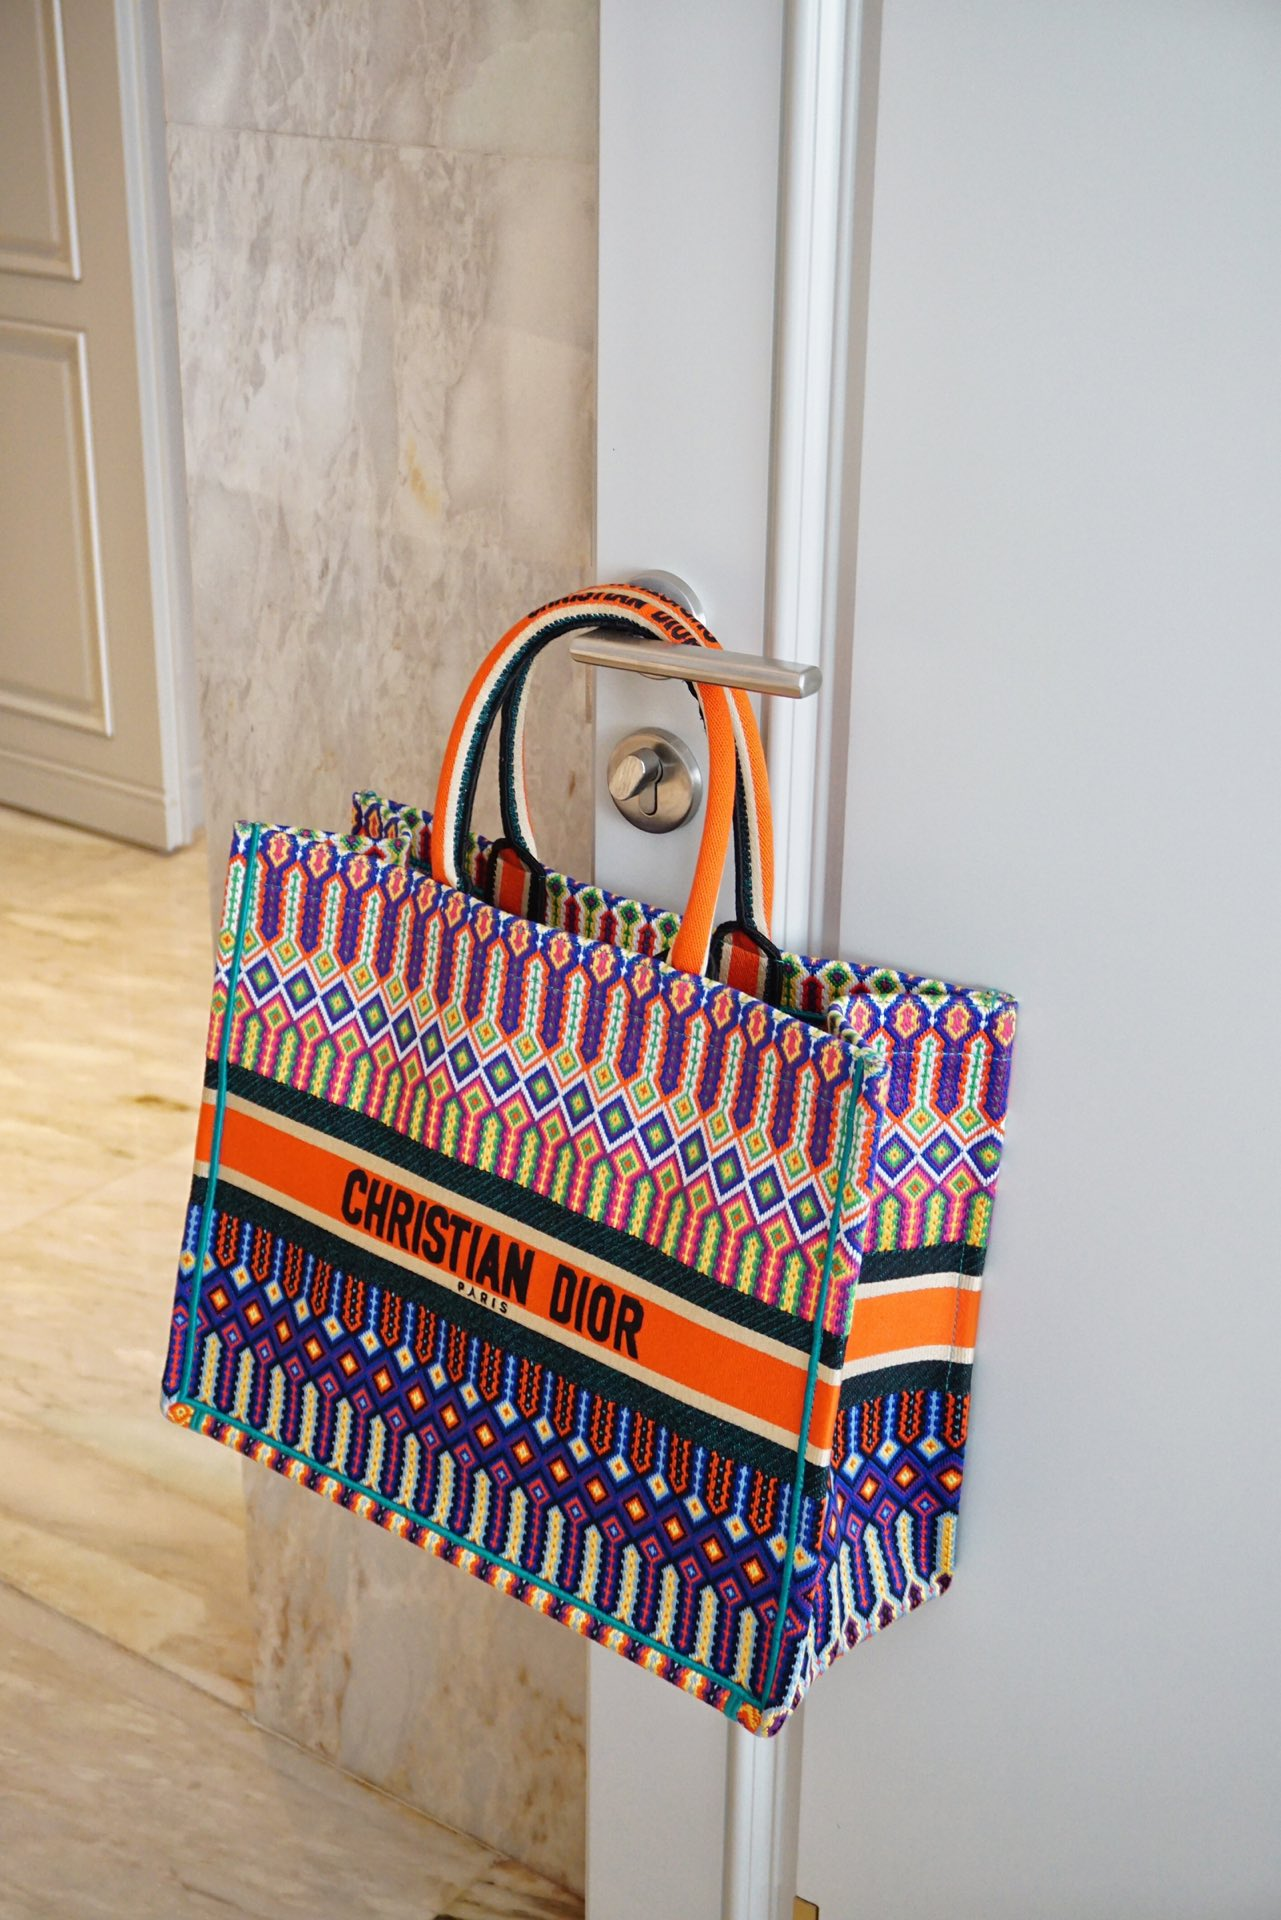 女士个性化刺绣购物袋 精湛的刺绣工艺完美呈上 Dior购物袋